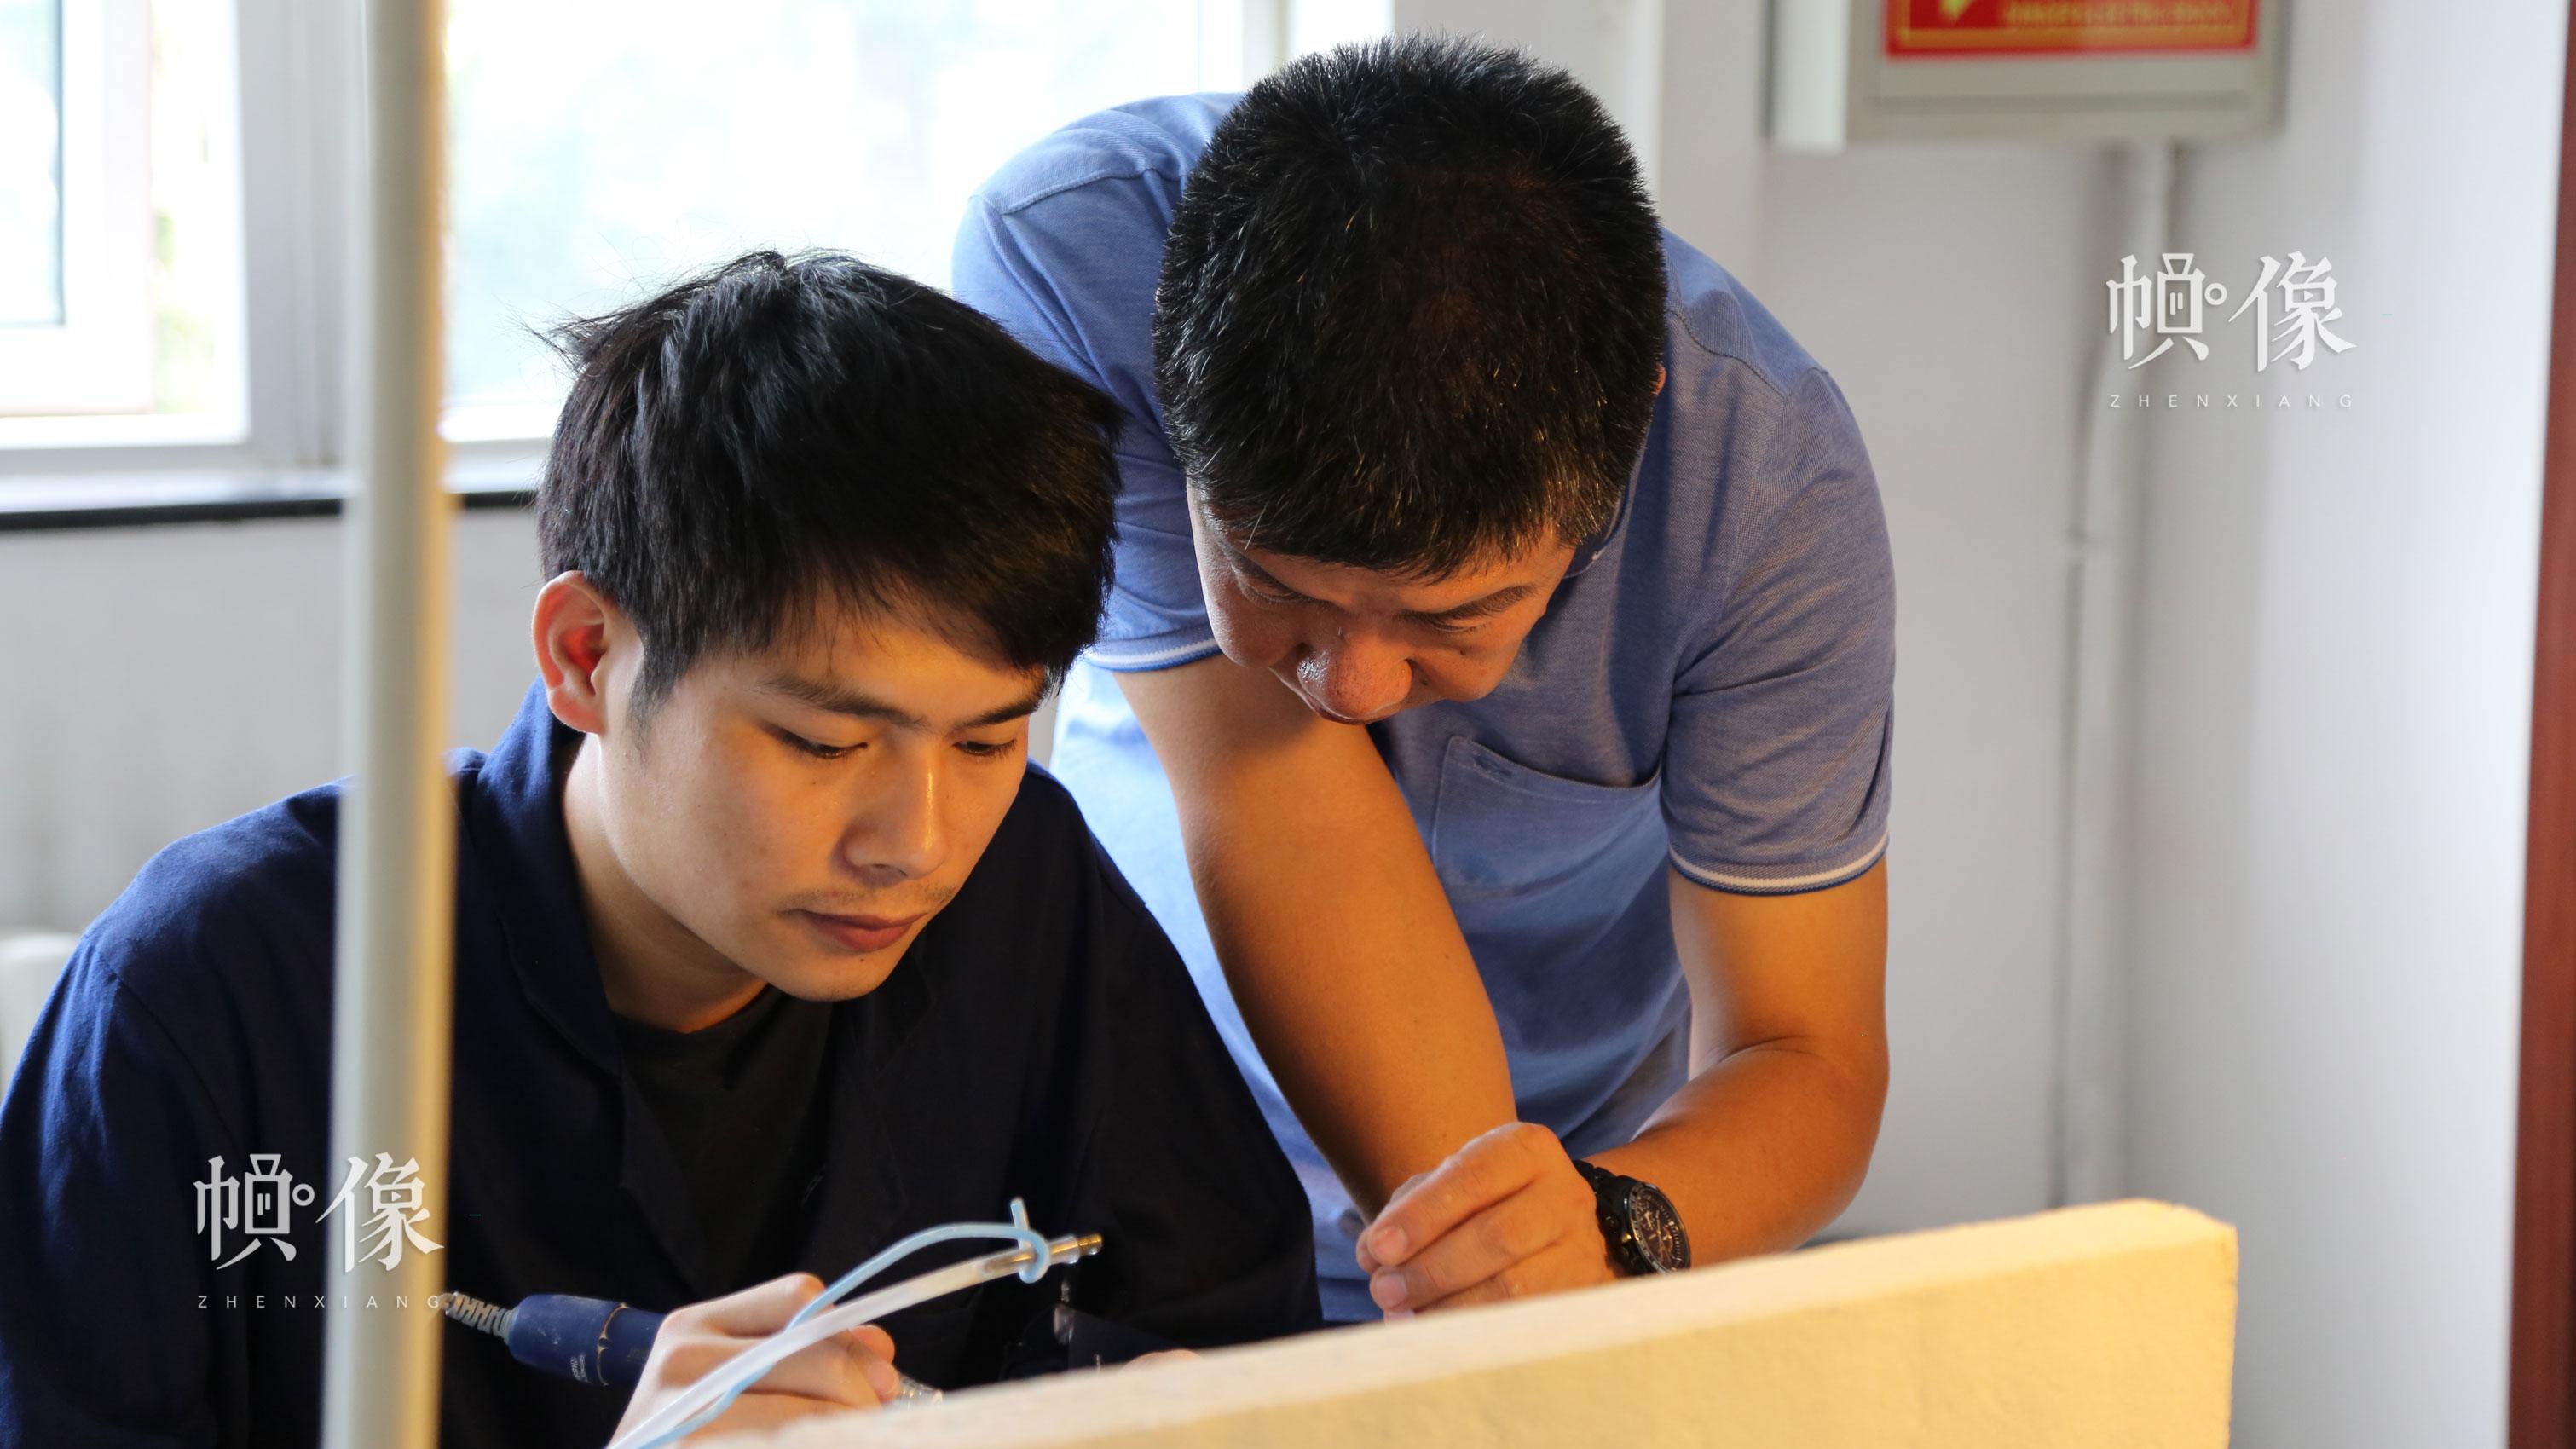 2017年9月5日,北京工美聚艺文化创意园区,中国玉雕大师张铁成指导徒弟雕刻玉器。中国网记者 赵超 摄